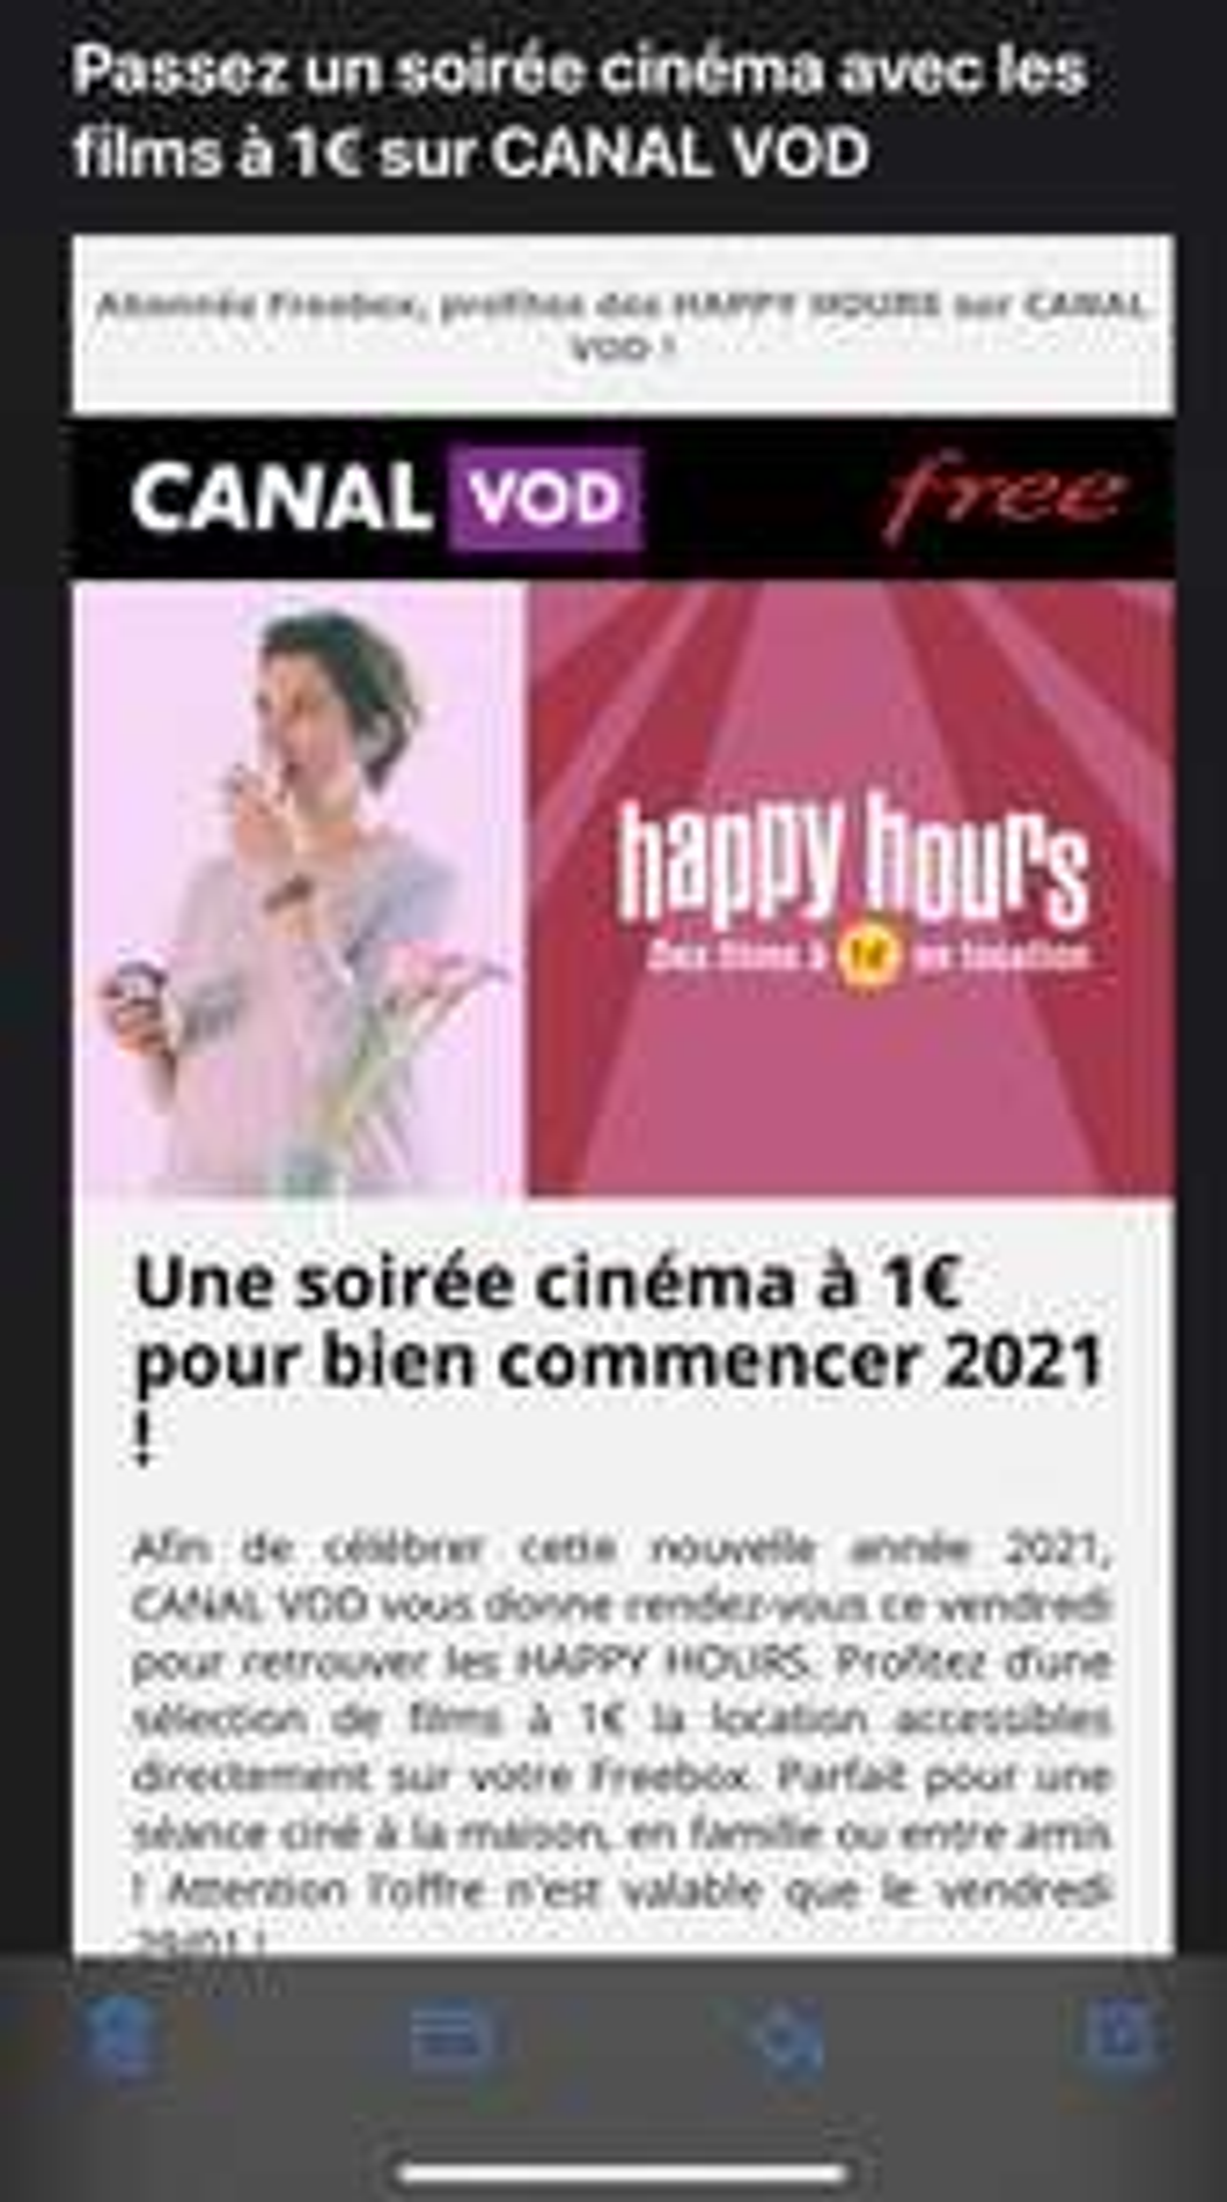 [Clients Free] Sélection de Films en location à 1€